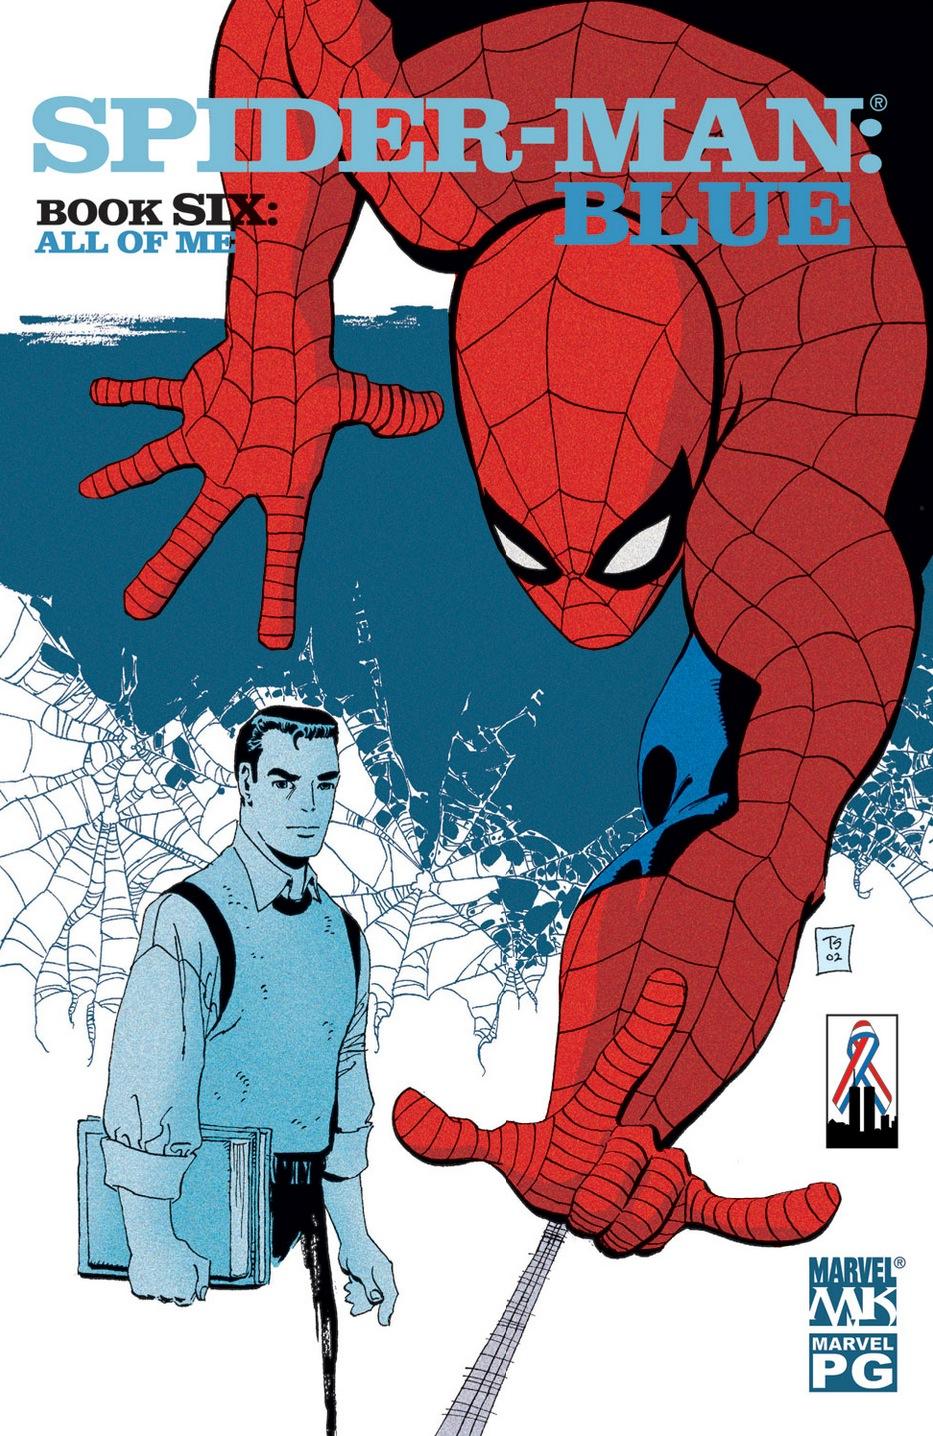 Spider-Man: Blue (2002) #6